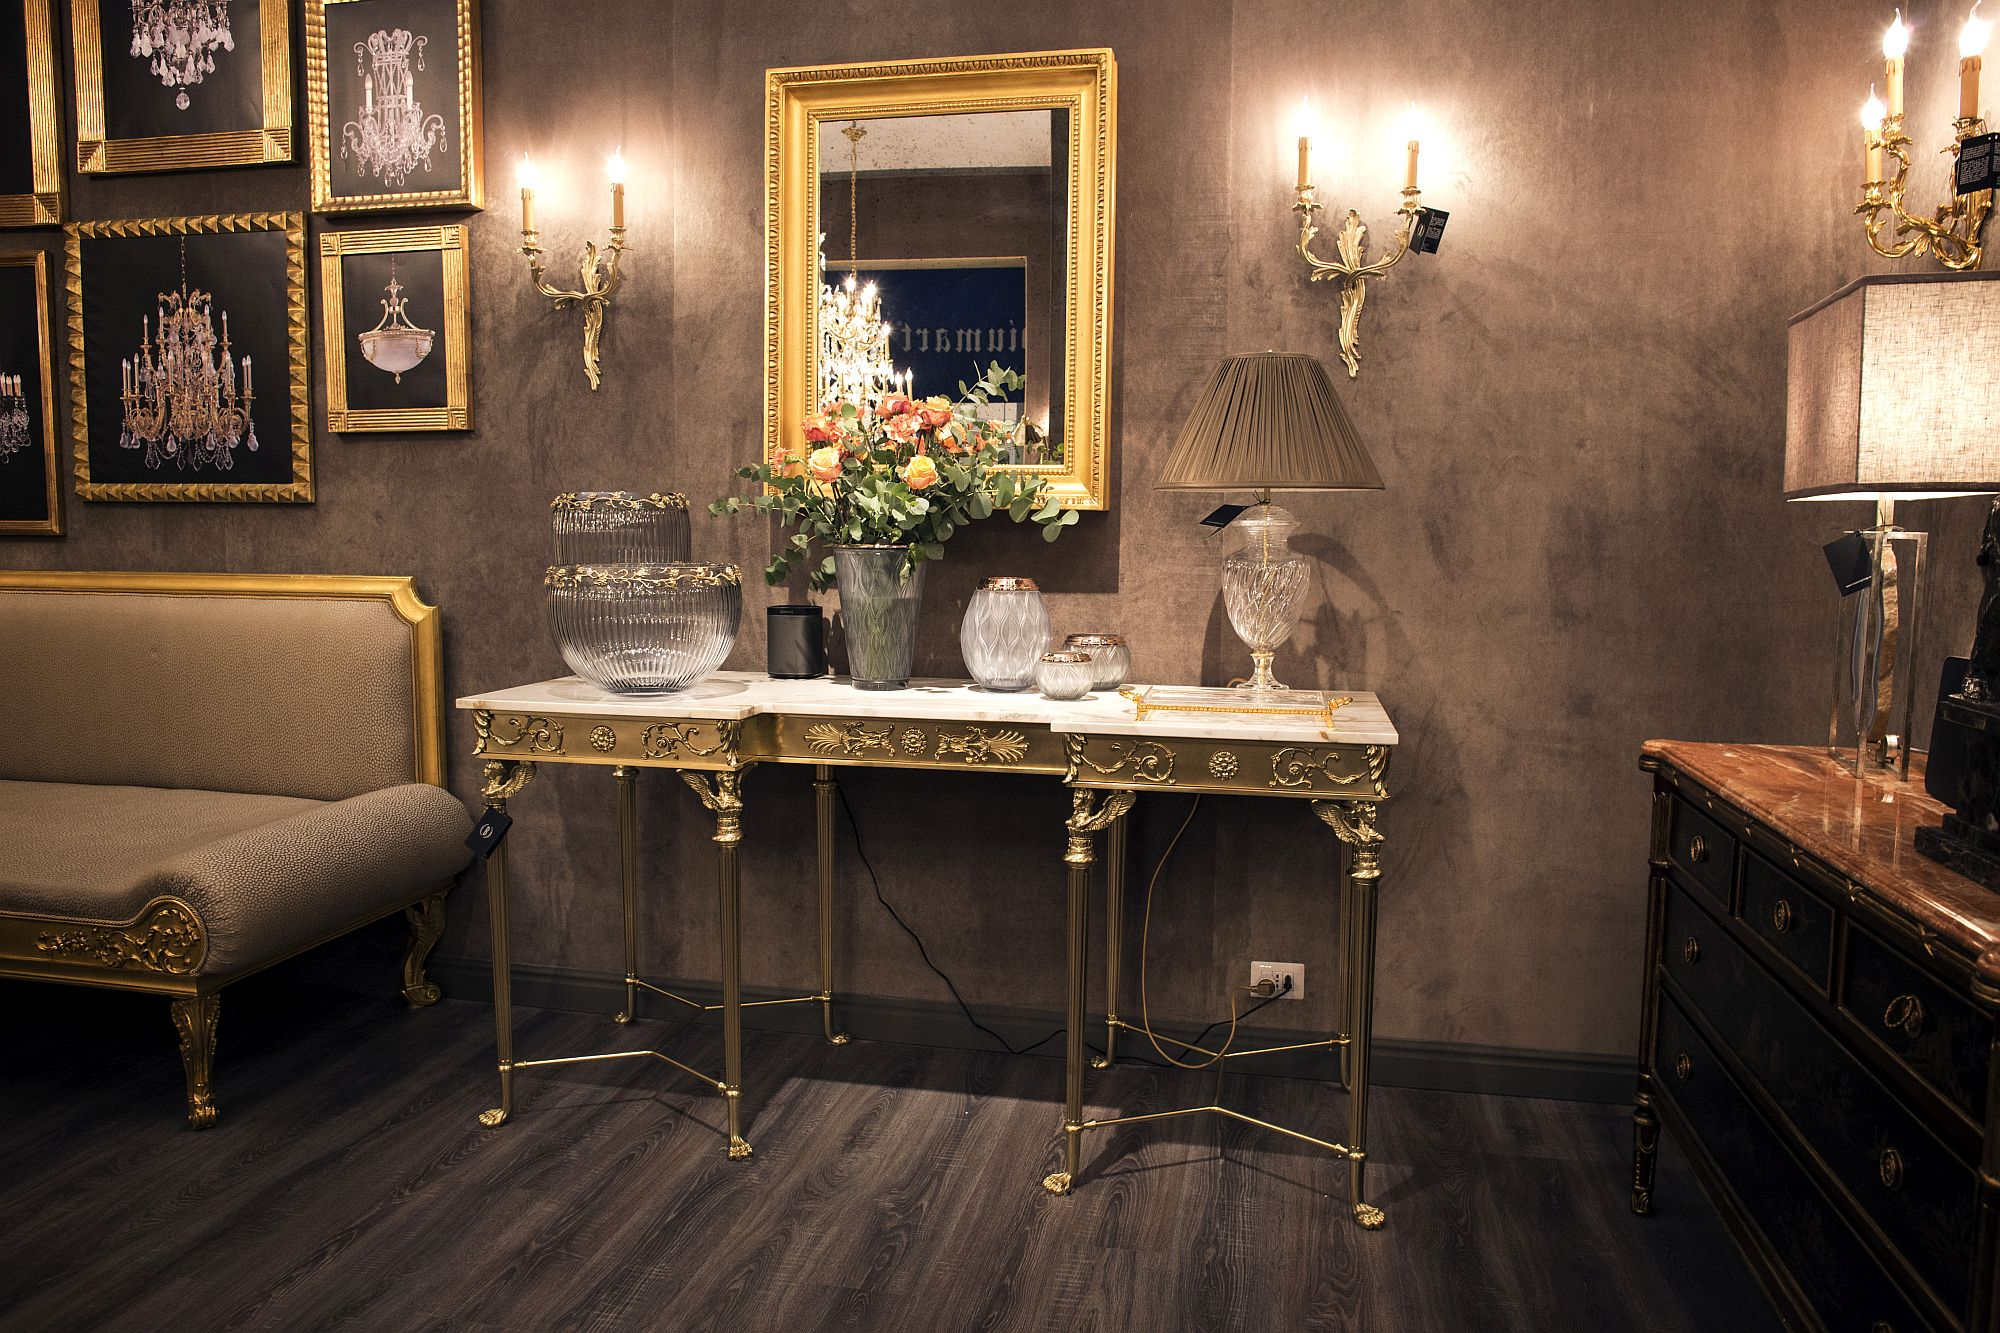 Frames-with-golden-glint-enliven-the-mundane-living-room